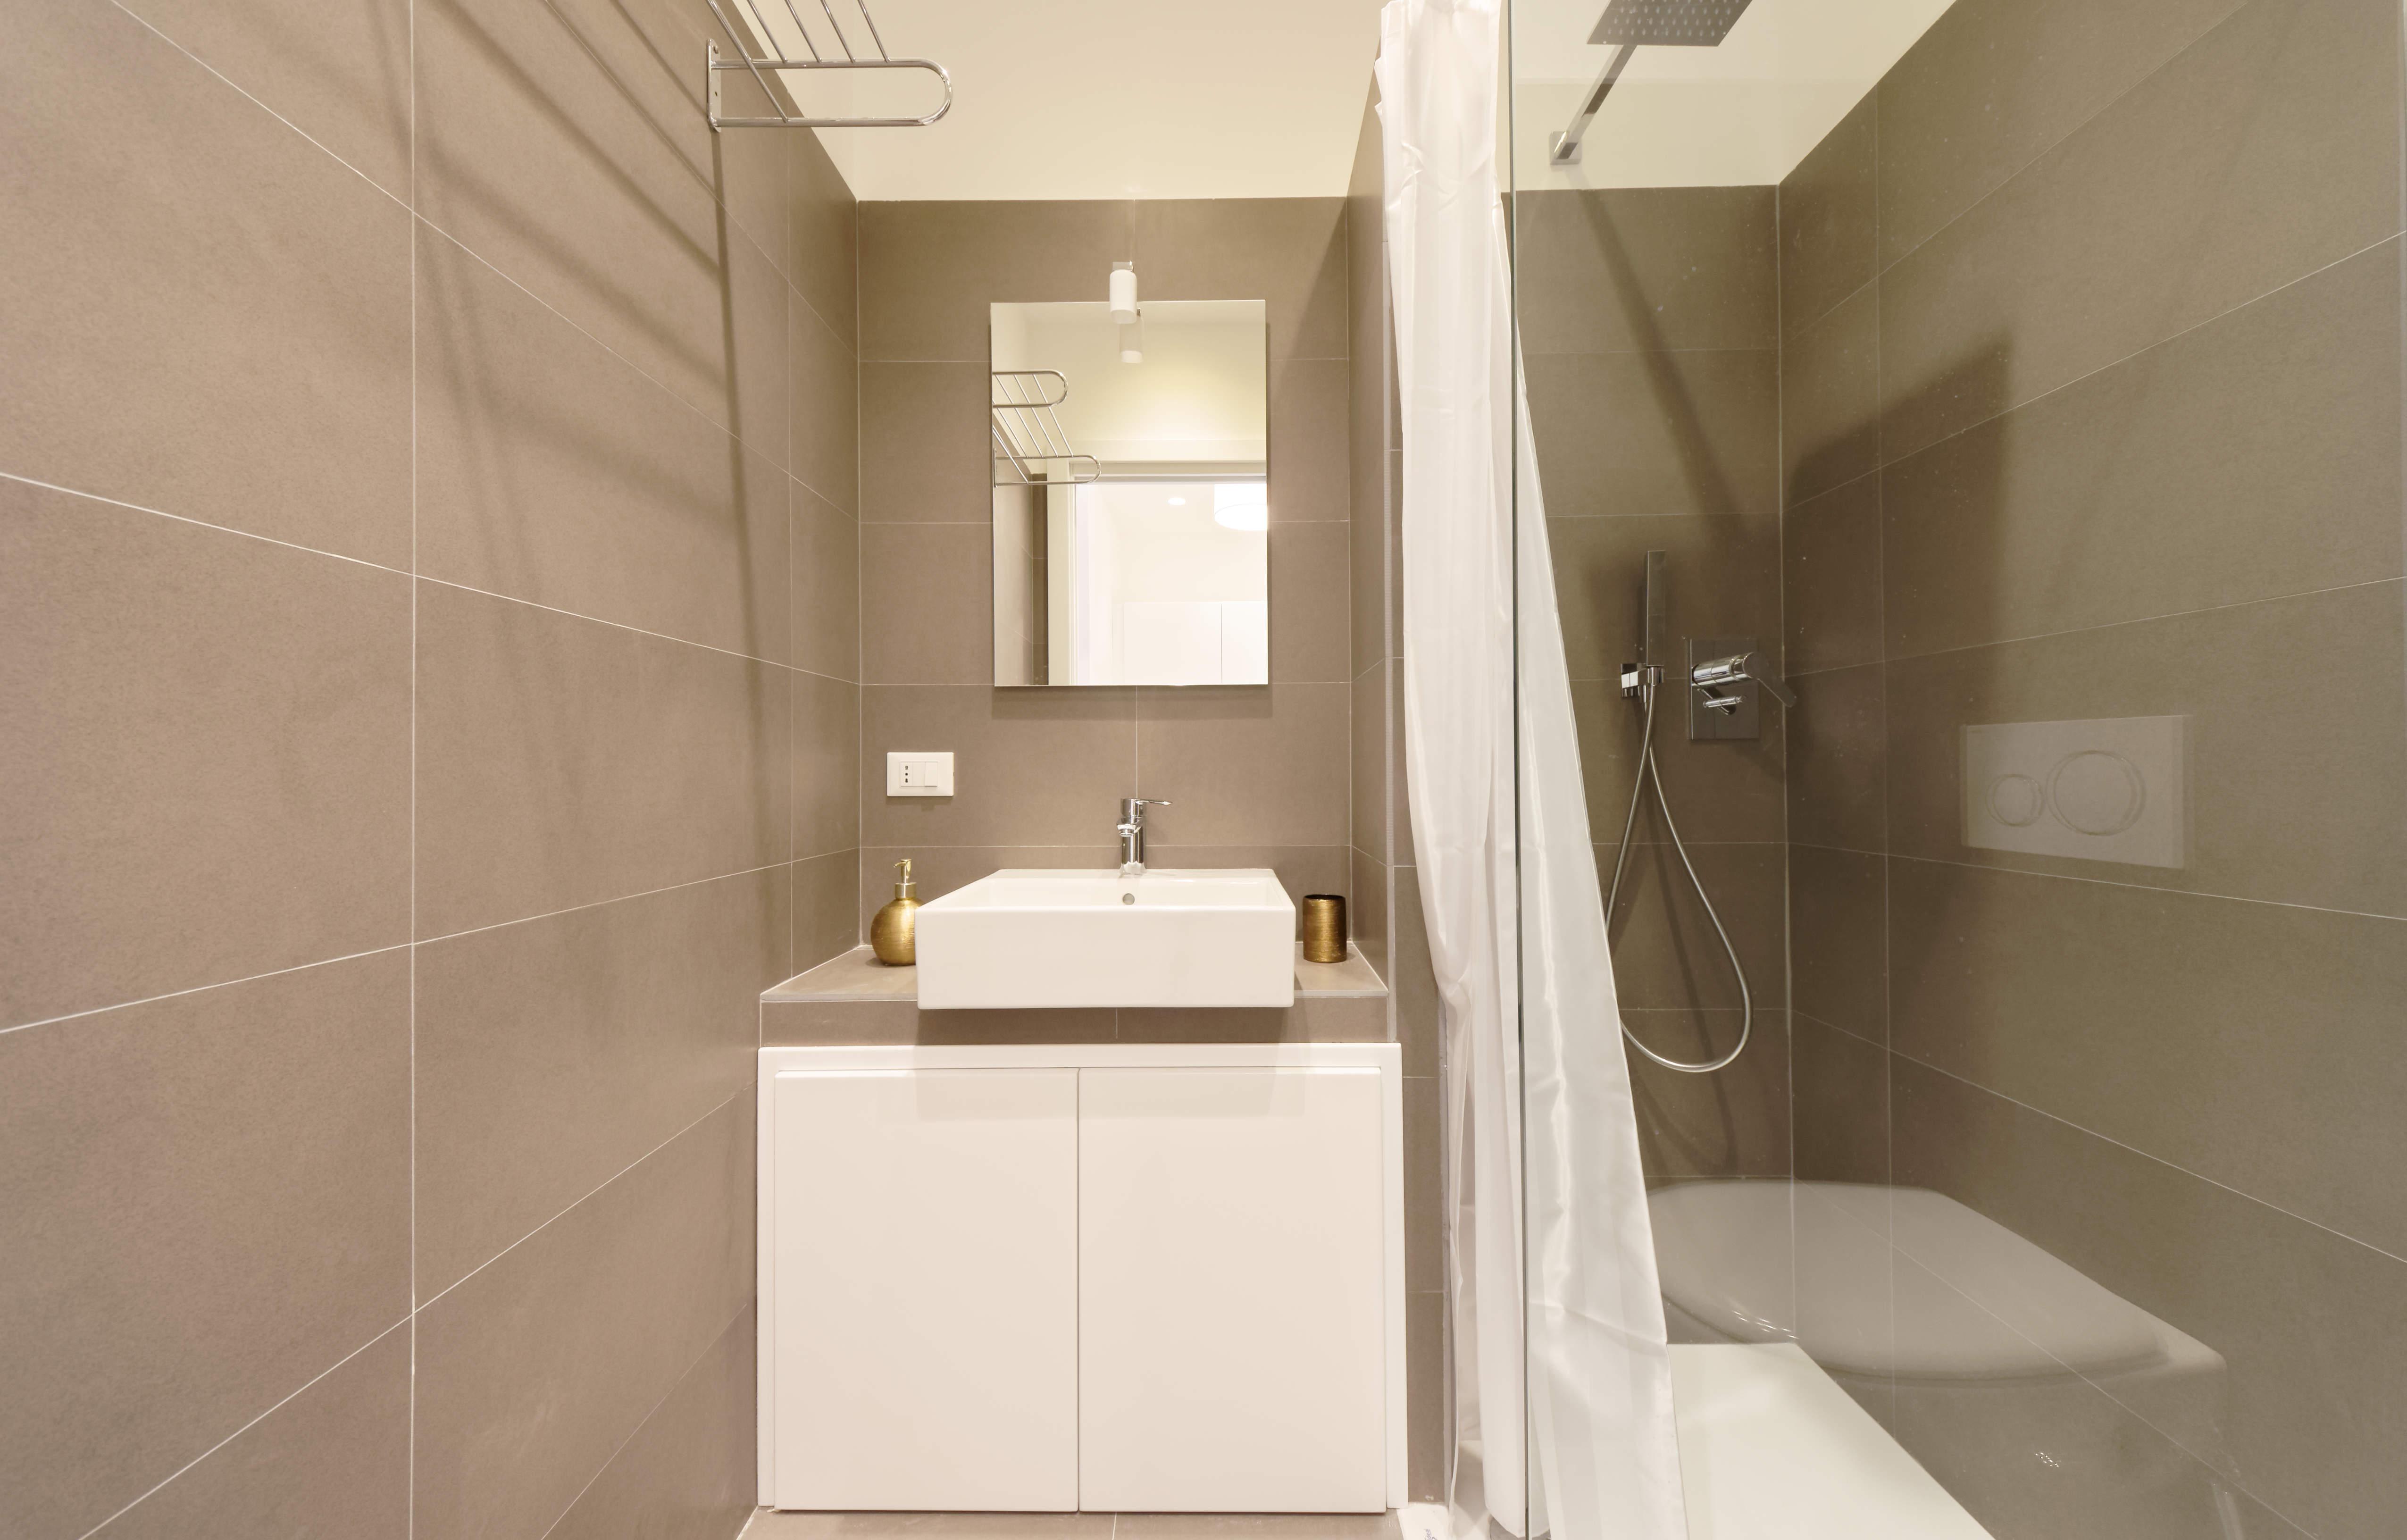 #41 // White Suite